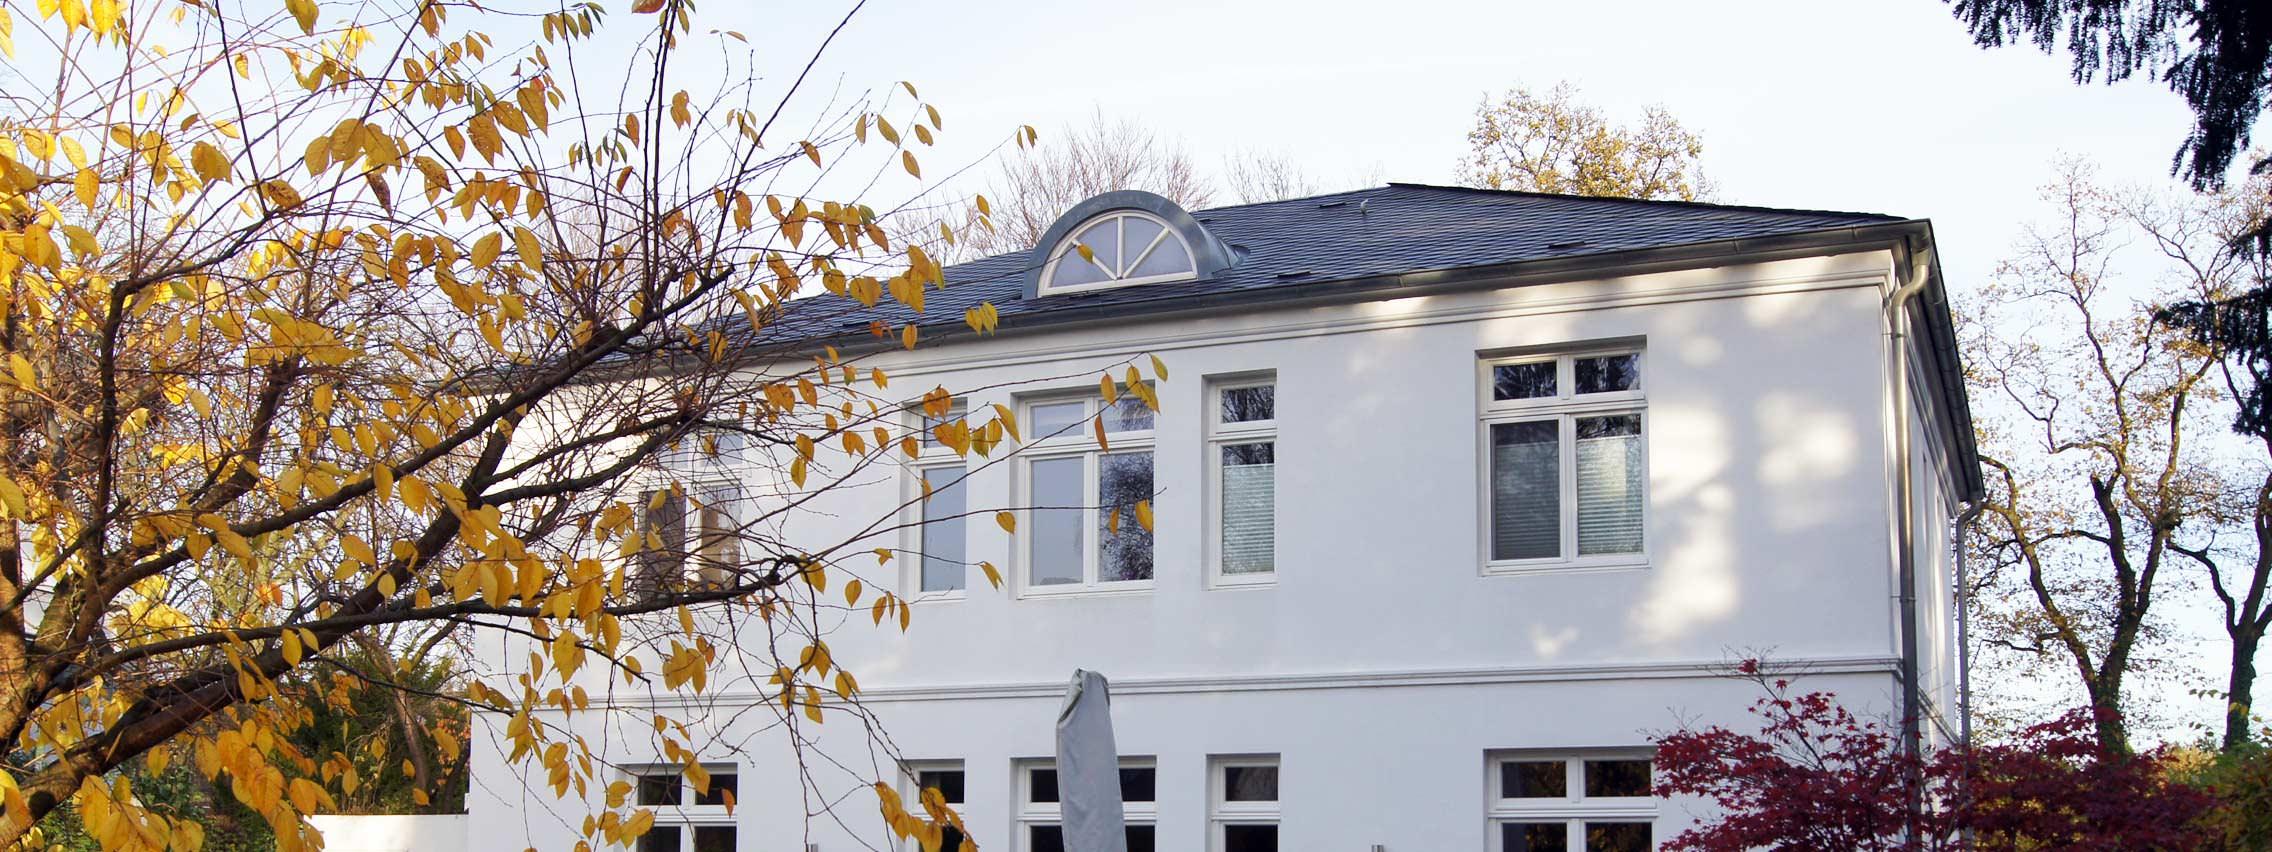 Architekturbüro IDEA Architekten